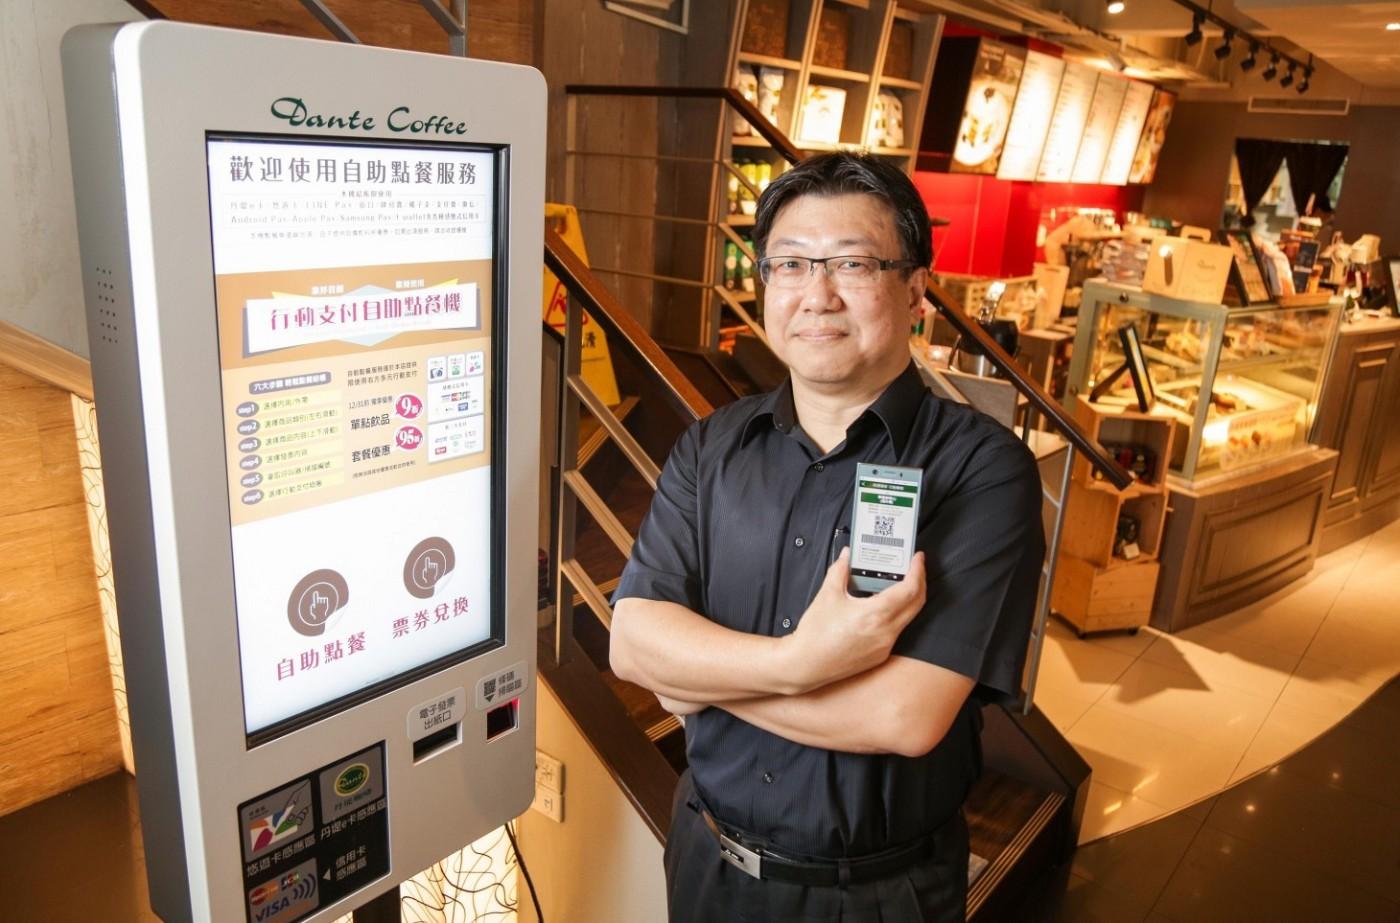 實現無現金的科技化應用願景,連鎖咖啡丹堤如何在七年間種下「無人化」商機?